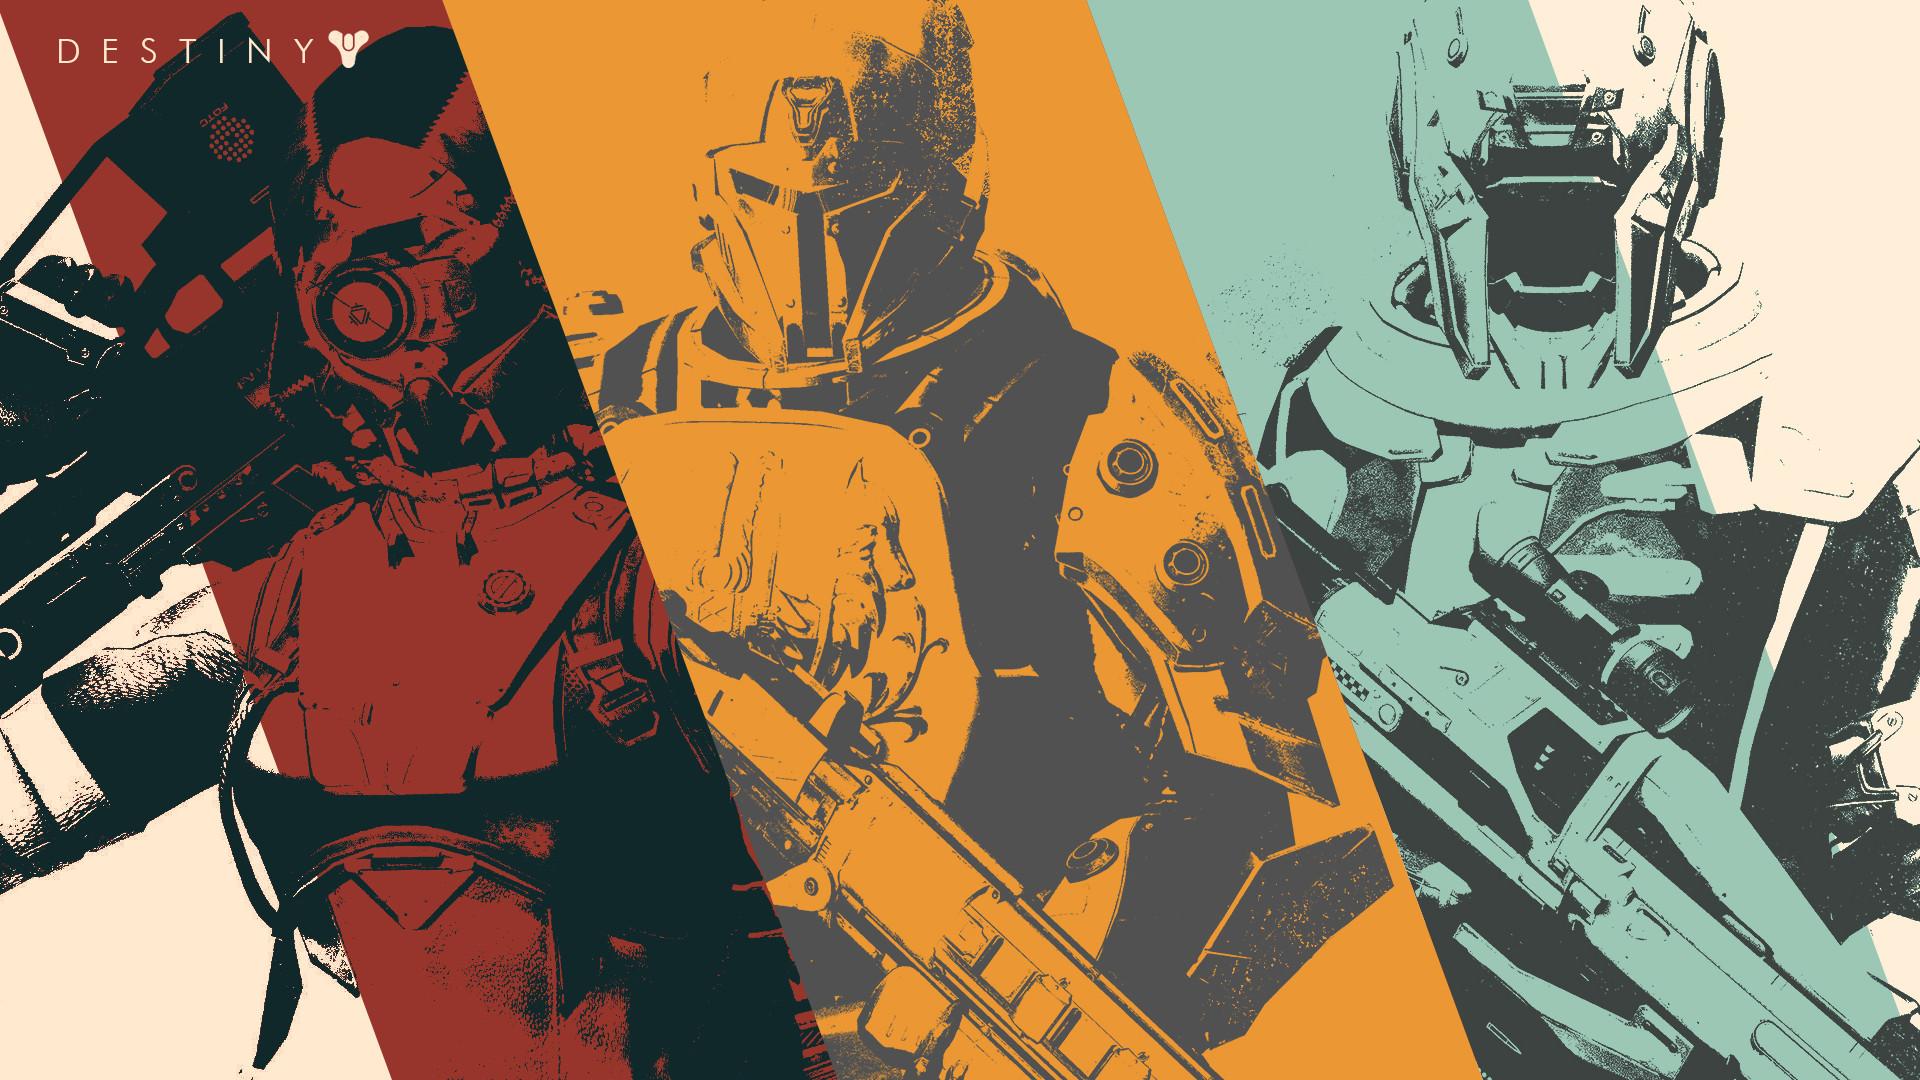 Titans Wallpaper Desktop – WallpaperSafari